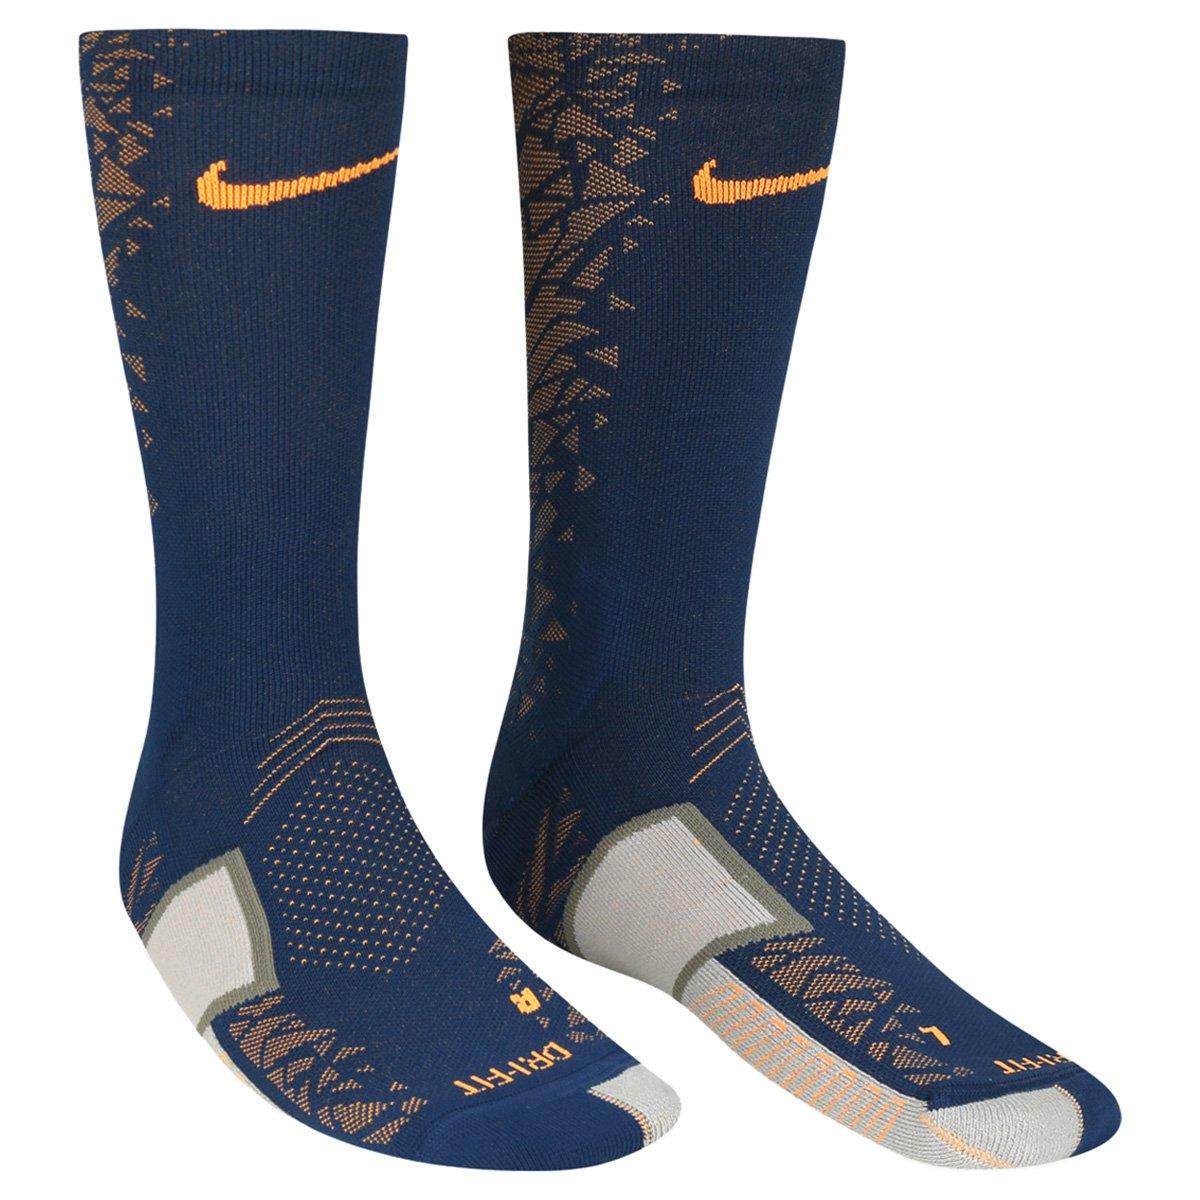 b144cda71b Meião Nike Matchfit ELT Hypervenom - Compre Agora